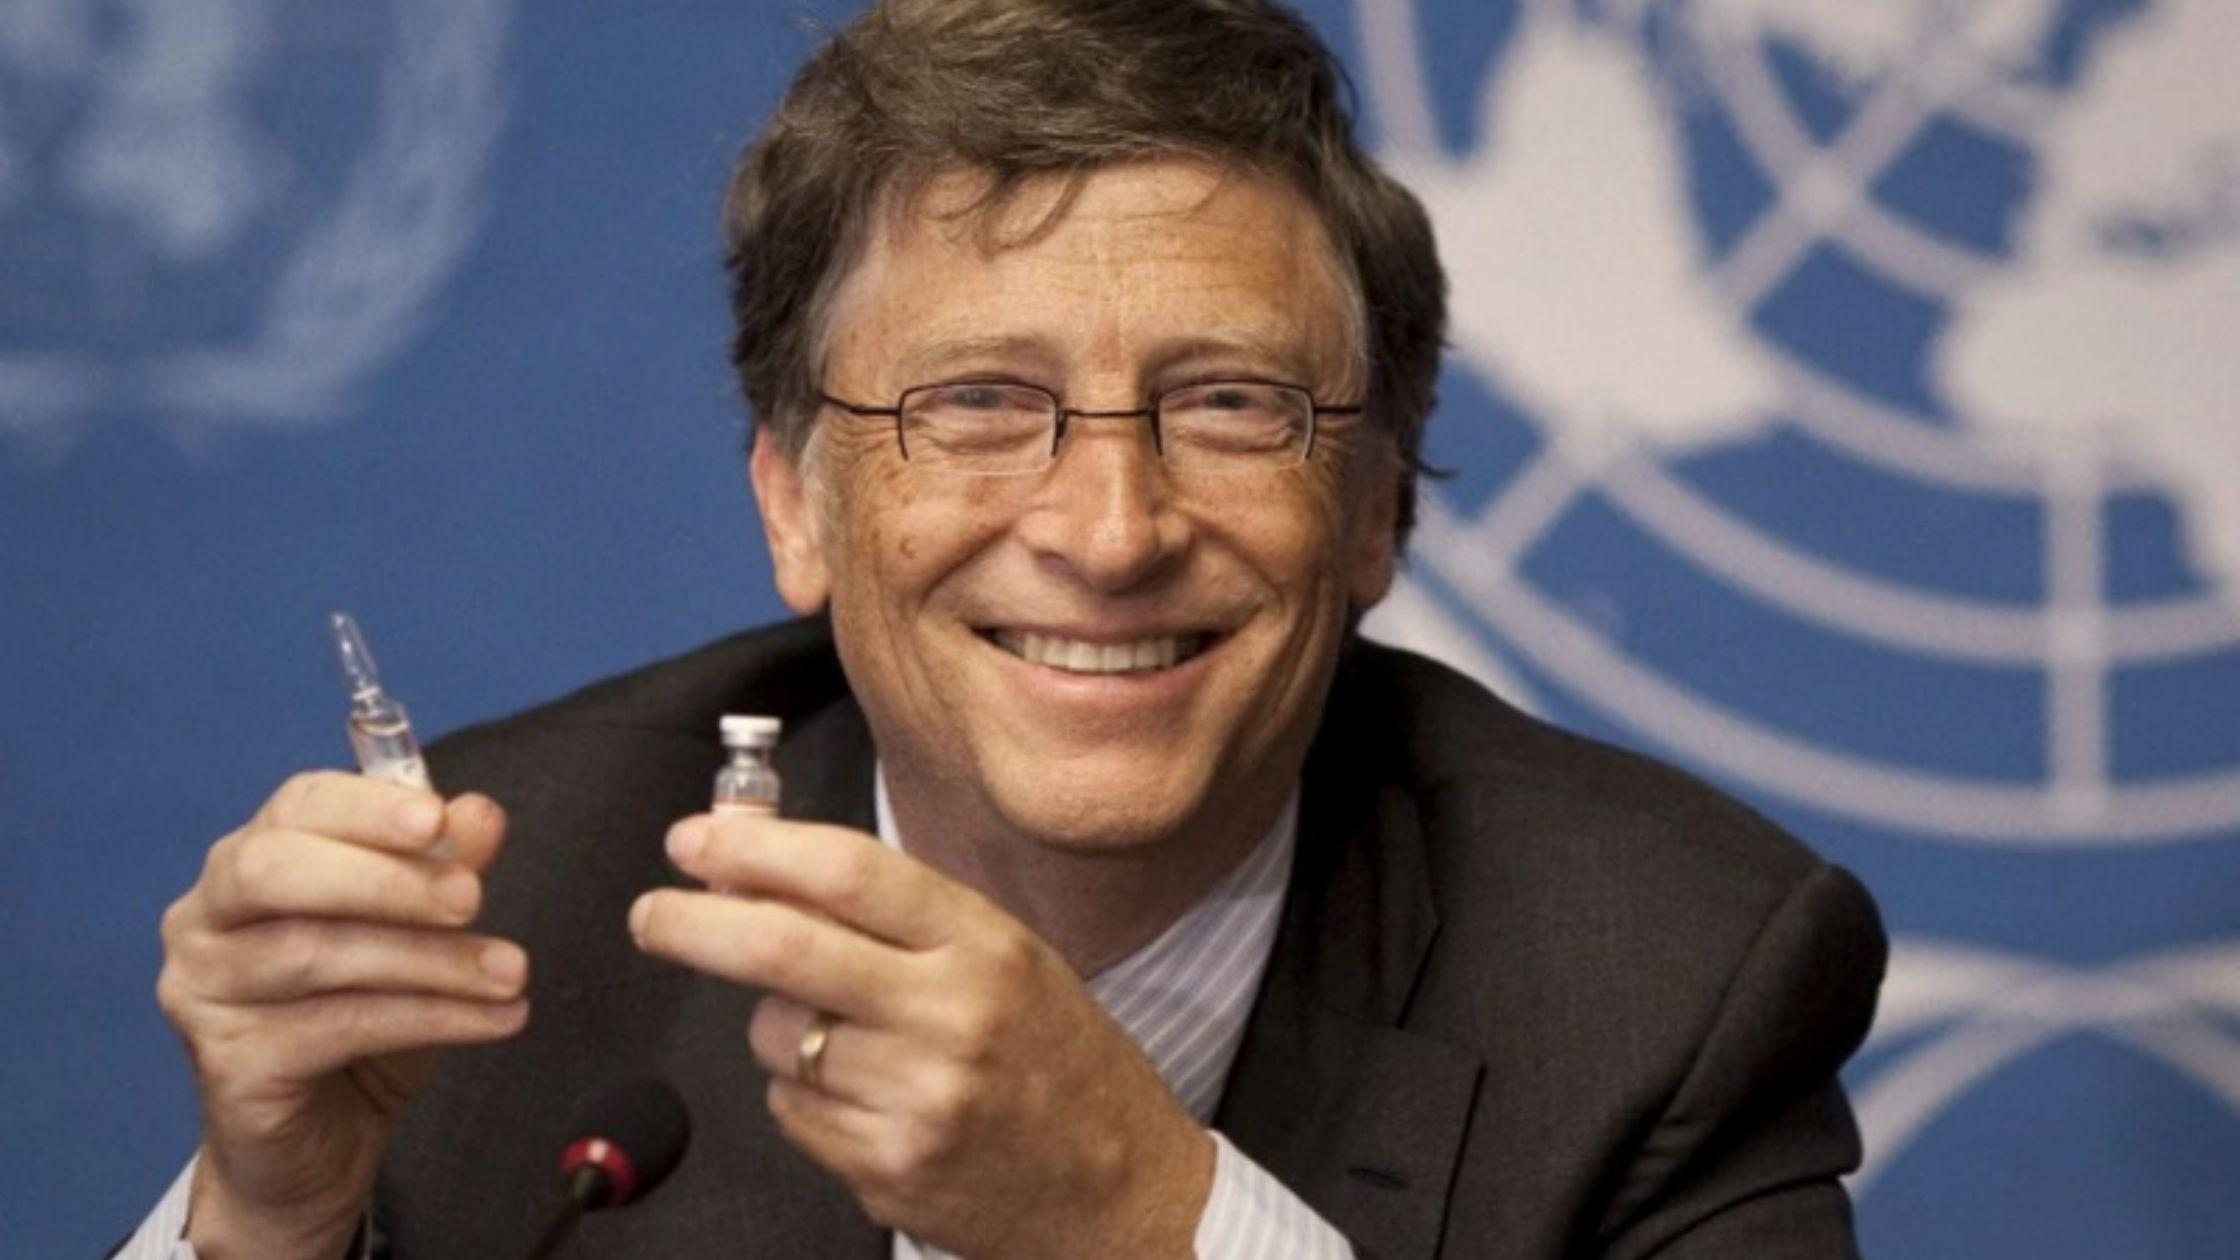 fine pandemia non prima del 2022: la strana certezza di Bill Gates